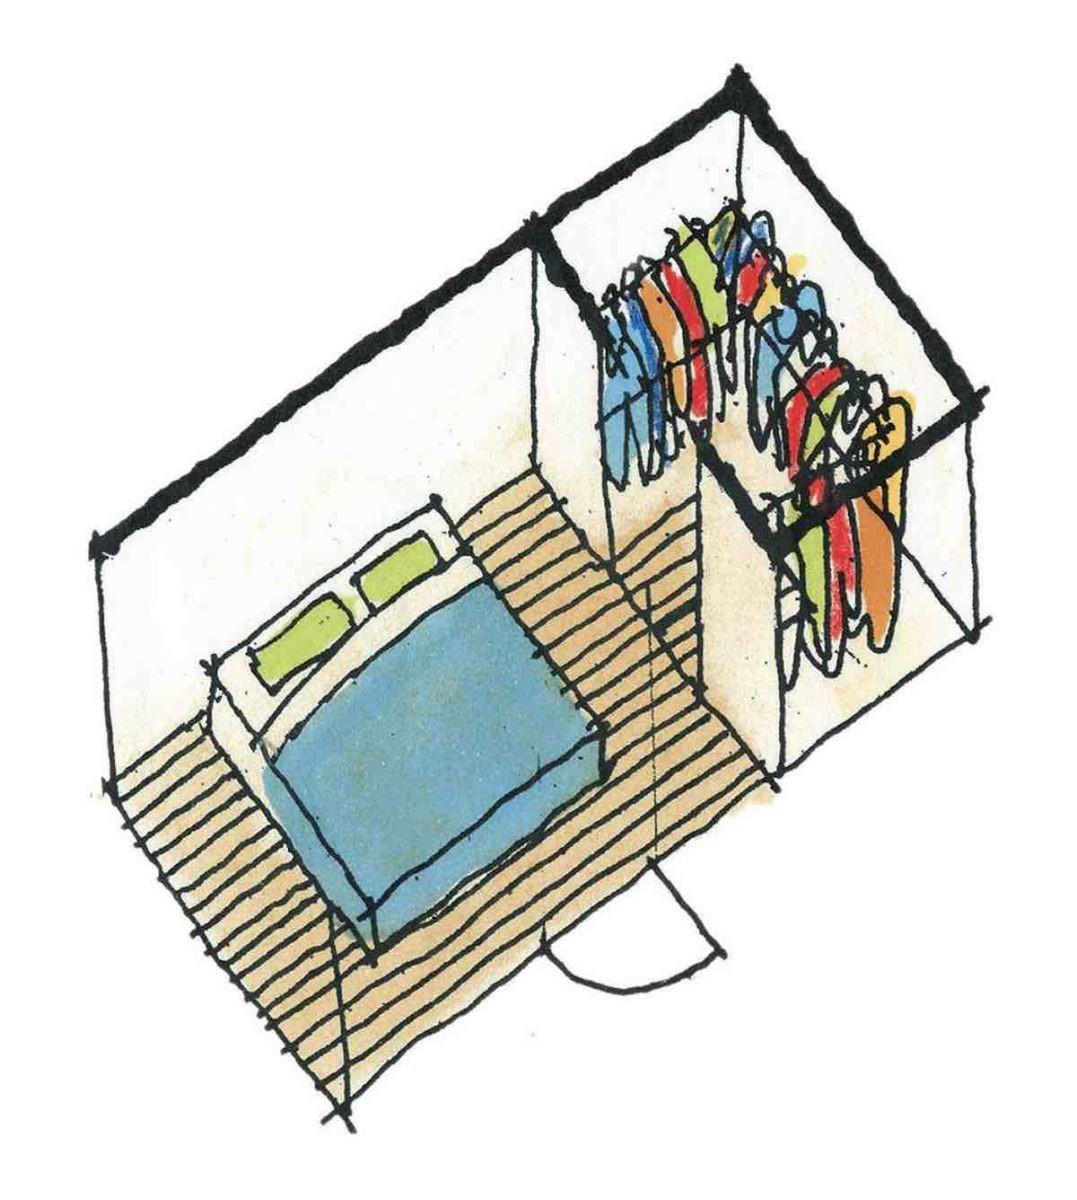 有更衣室(ㄇ字型)的寢室-等角透視圖 圖片提供_漂亮家居麥浩斯